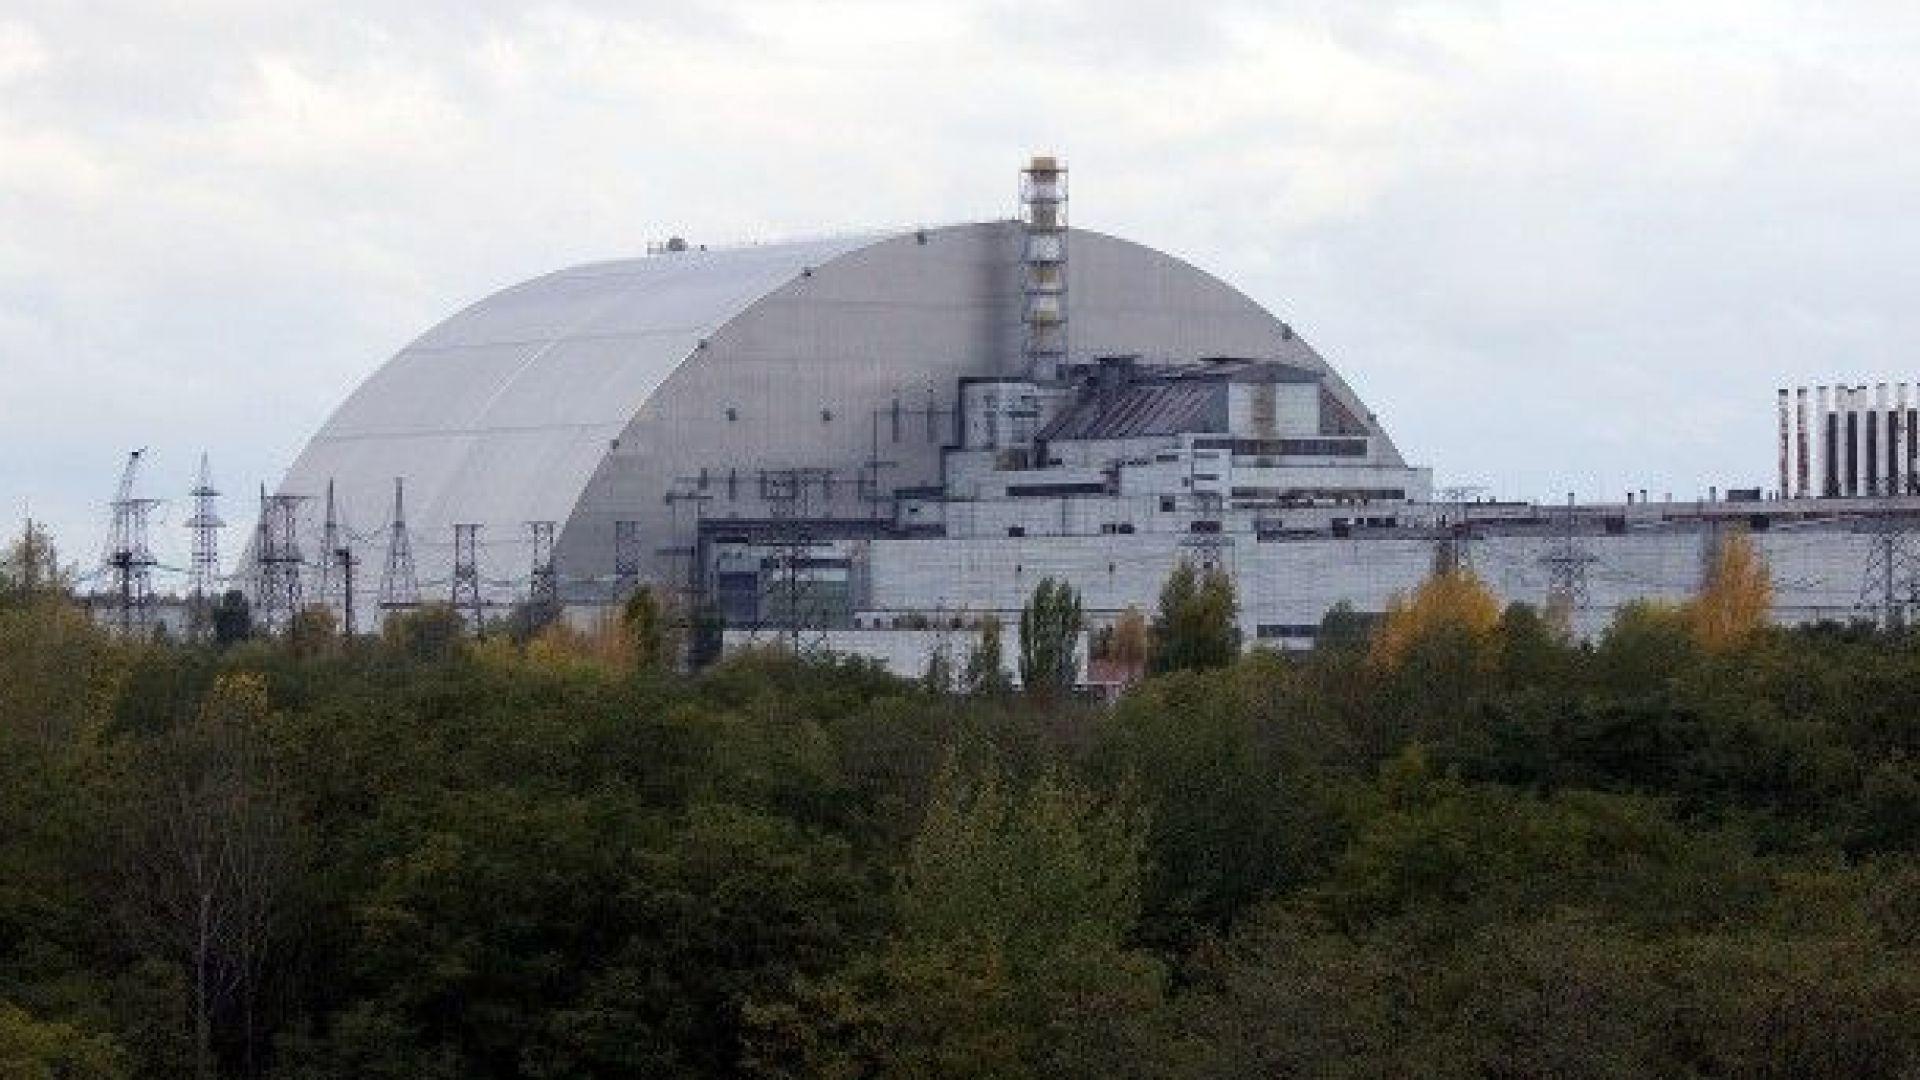 Отвориха за туристи сърцето на аварията в Чернобил (снимки и видео)